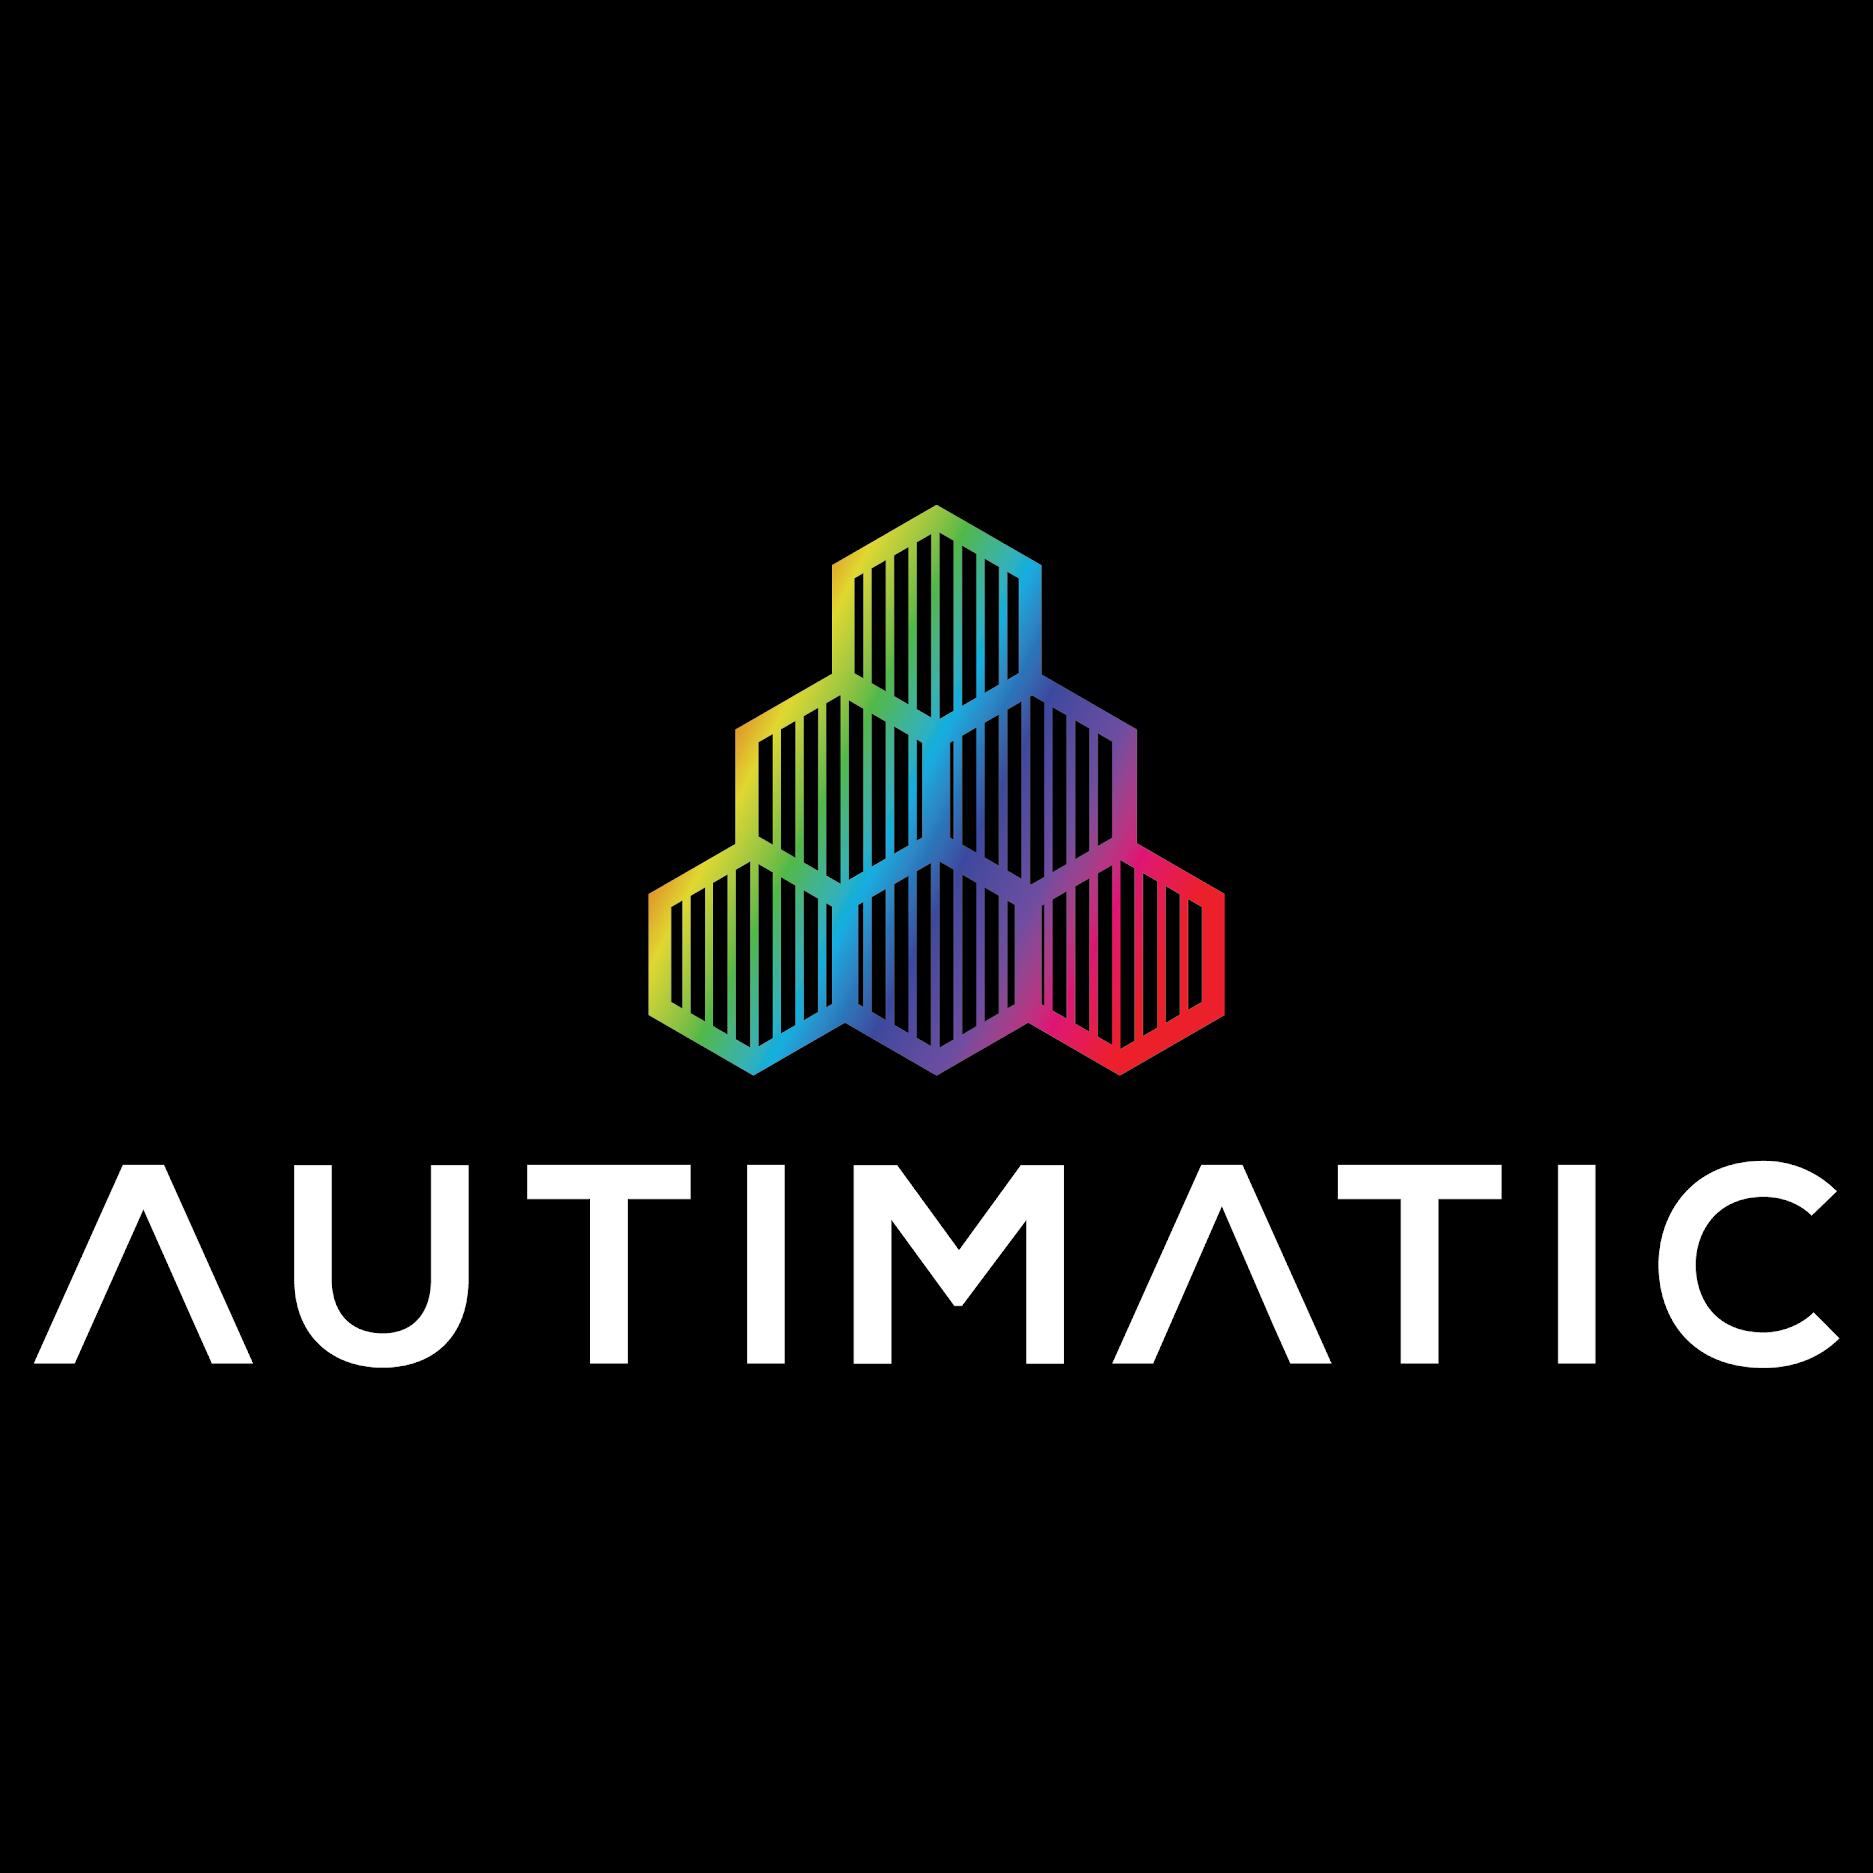 Autimatic logo